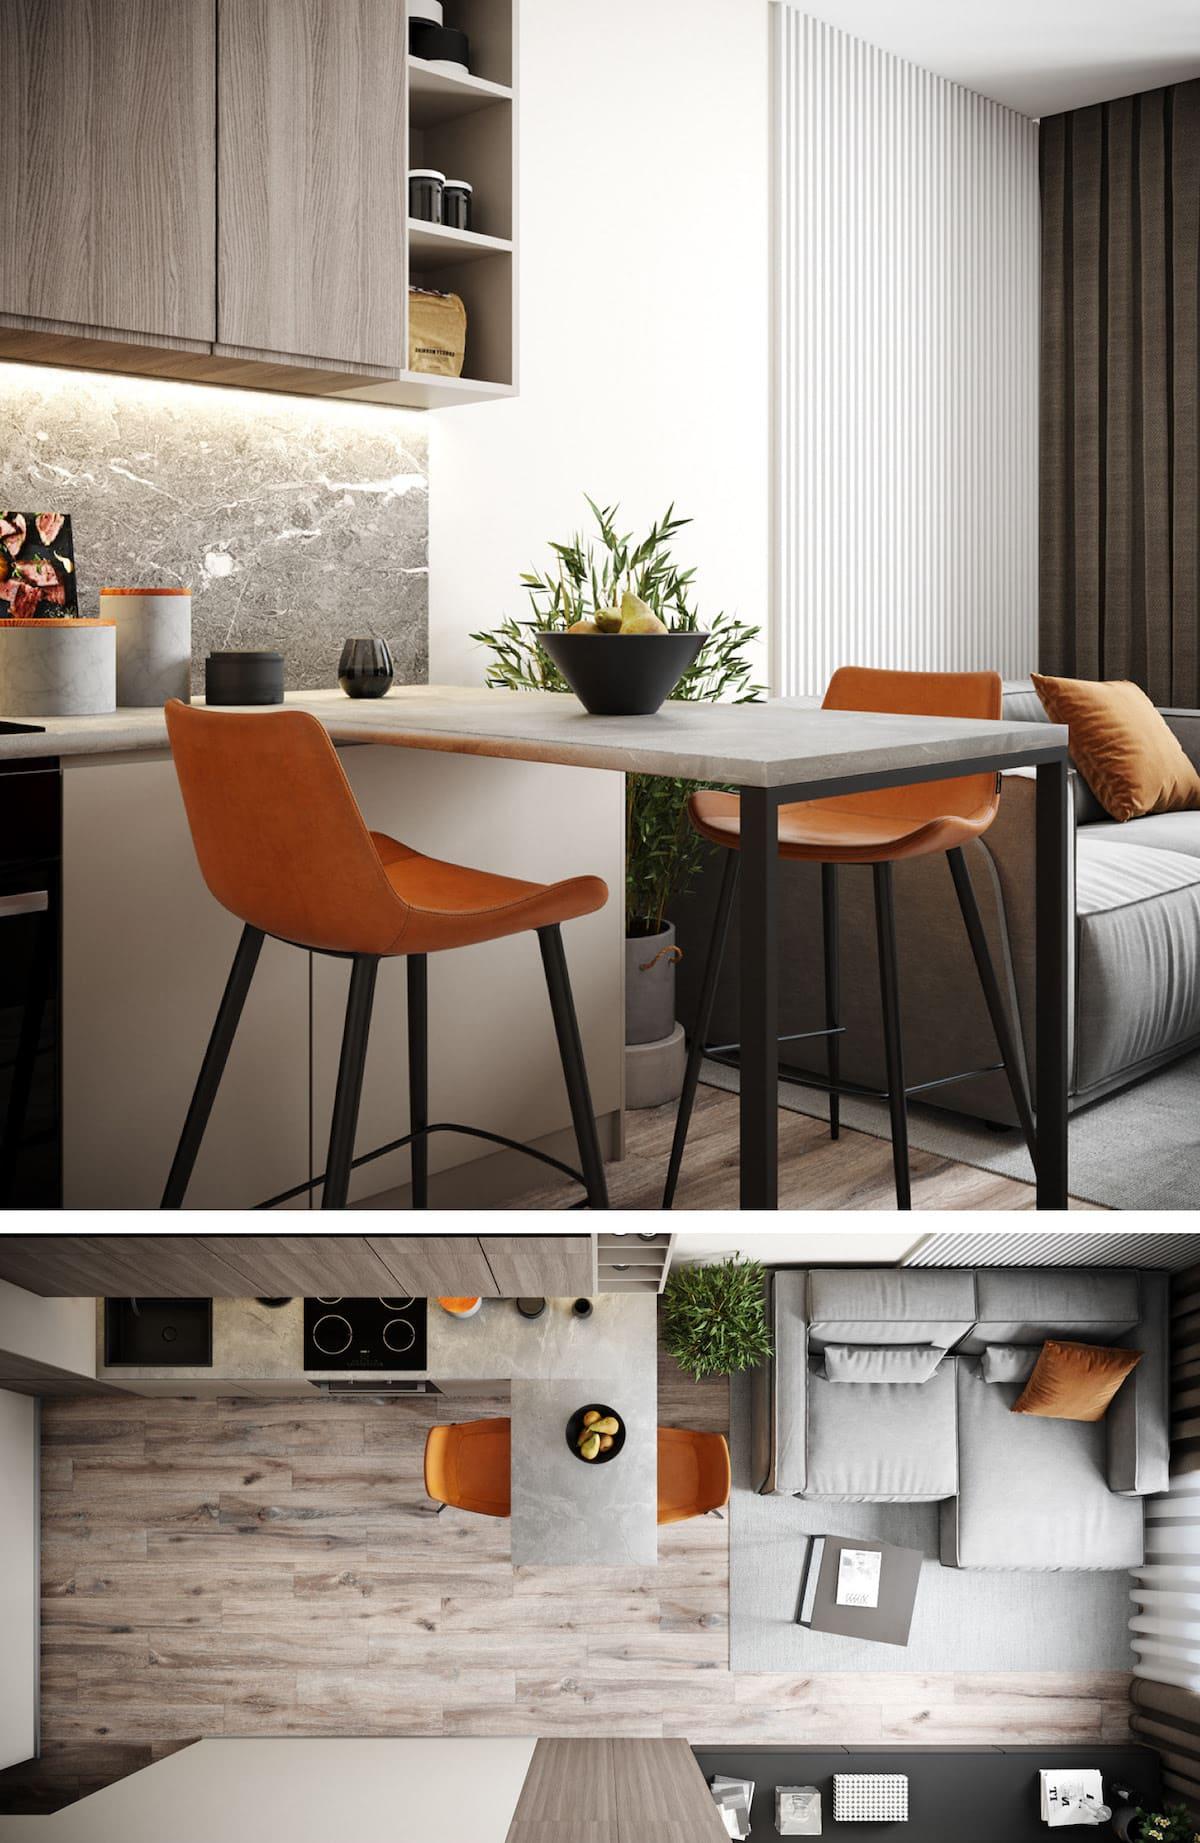 гостиная идеи дизайна 31